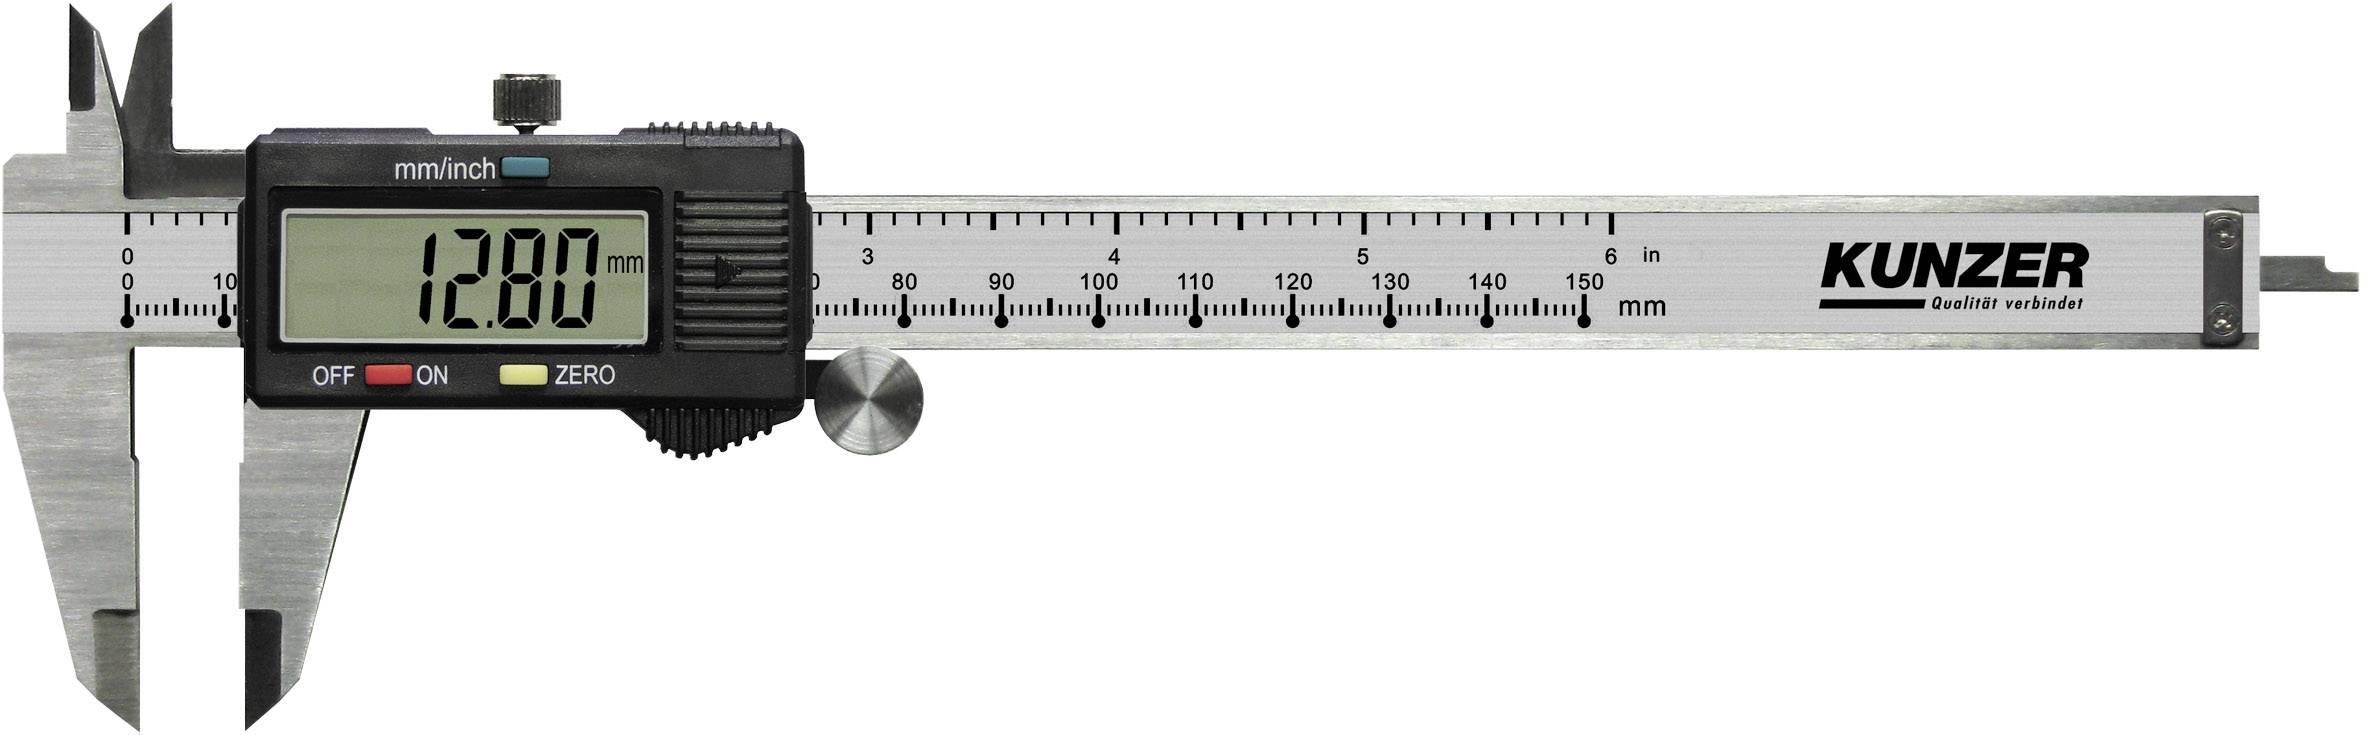 Digitální posuvné měřítko Kunzer 7EMS01, měřicí rozsah 150 mm, Kalibrováno dle bez certifikátu